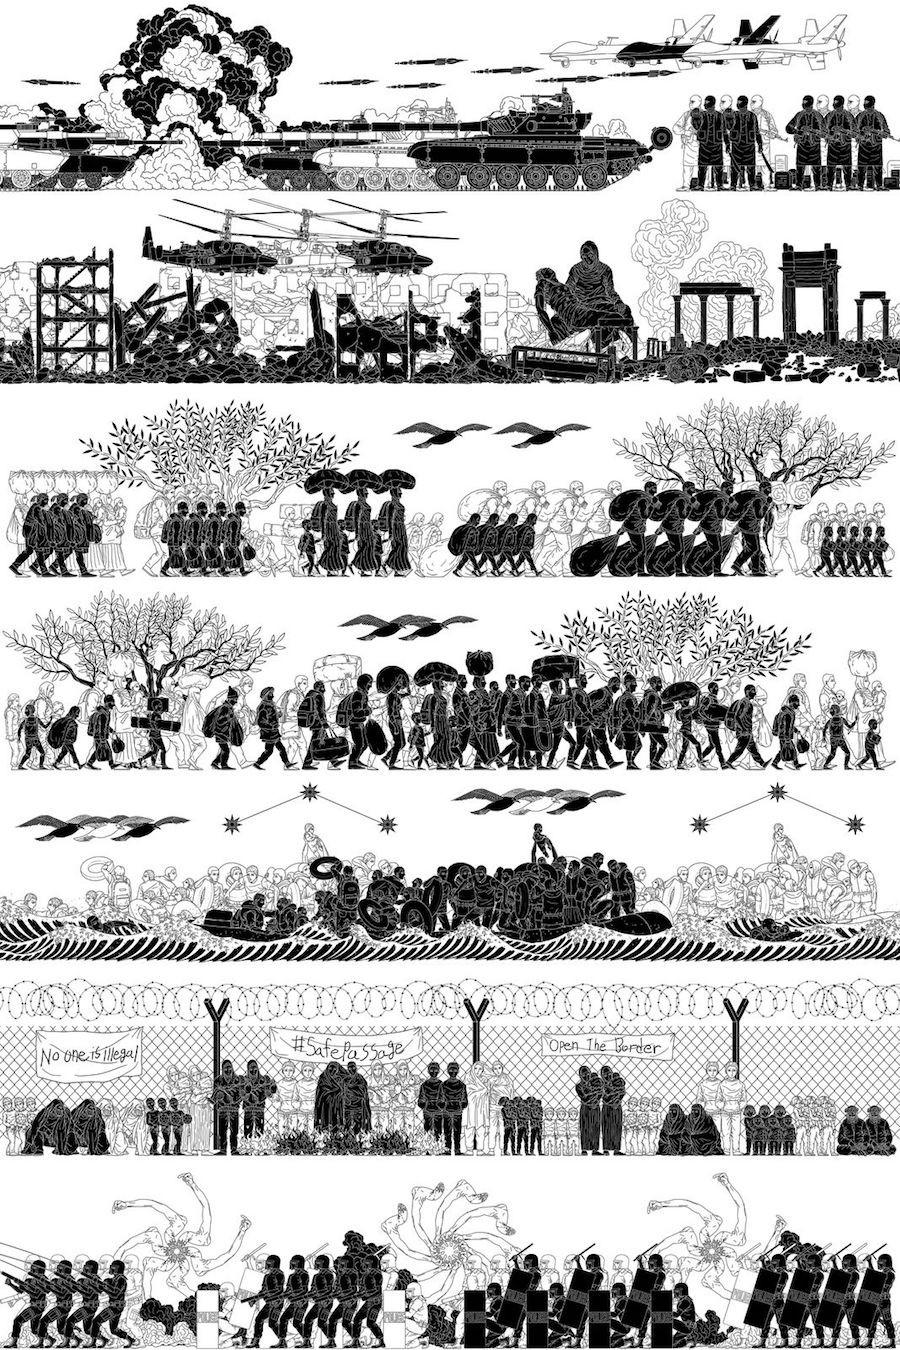 Refugiados em estilo greco-romano, por Weiwei